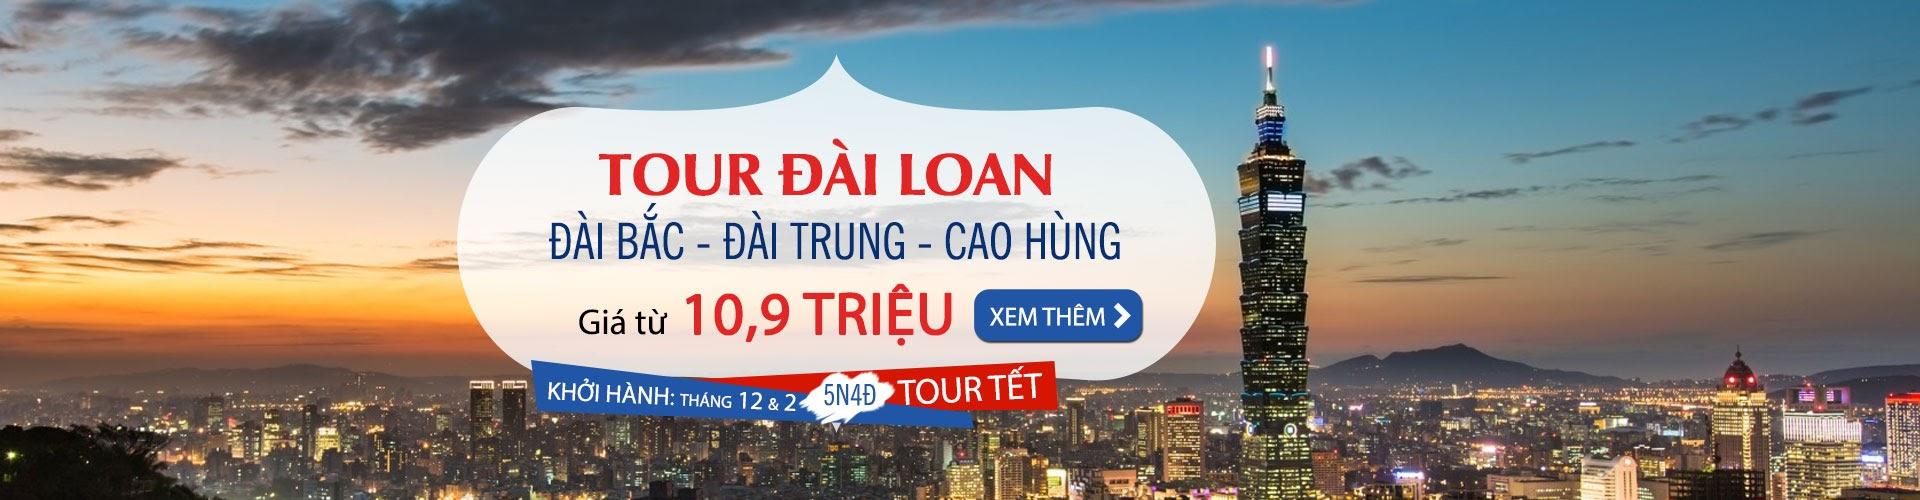 tour du lịch đài loan tết 2018